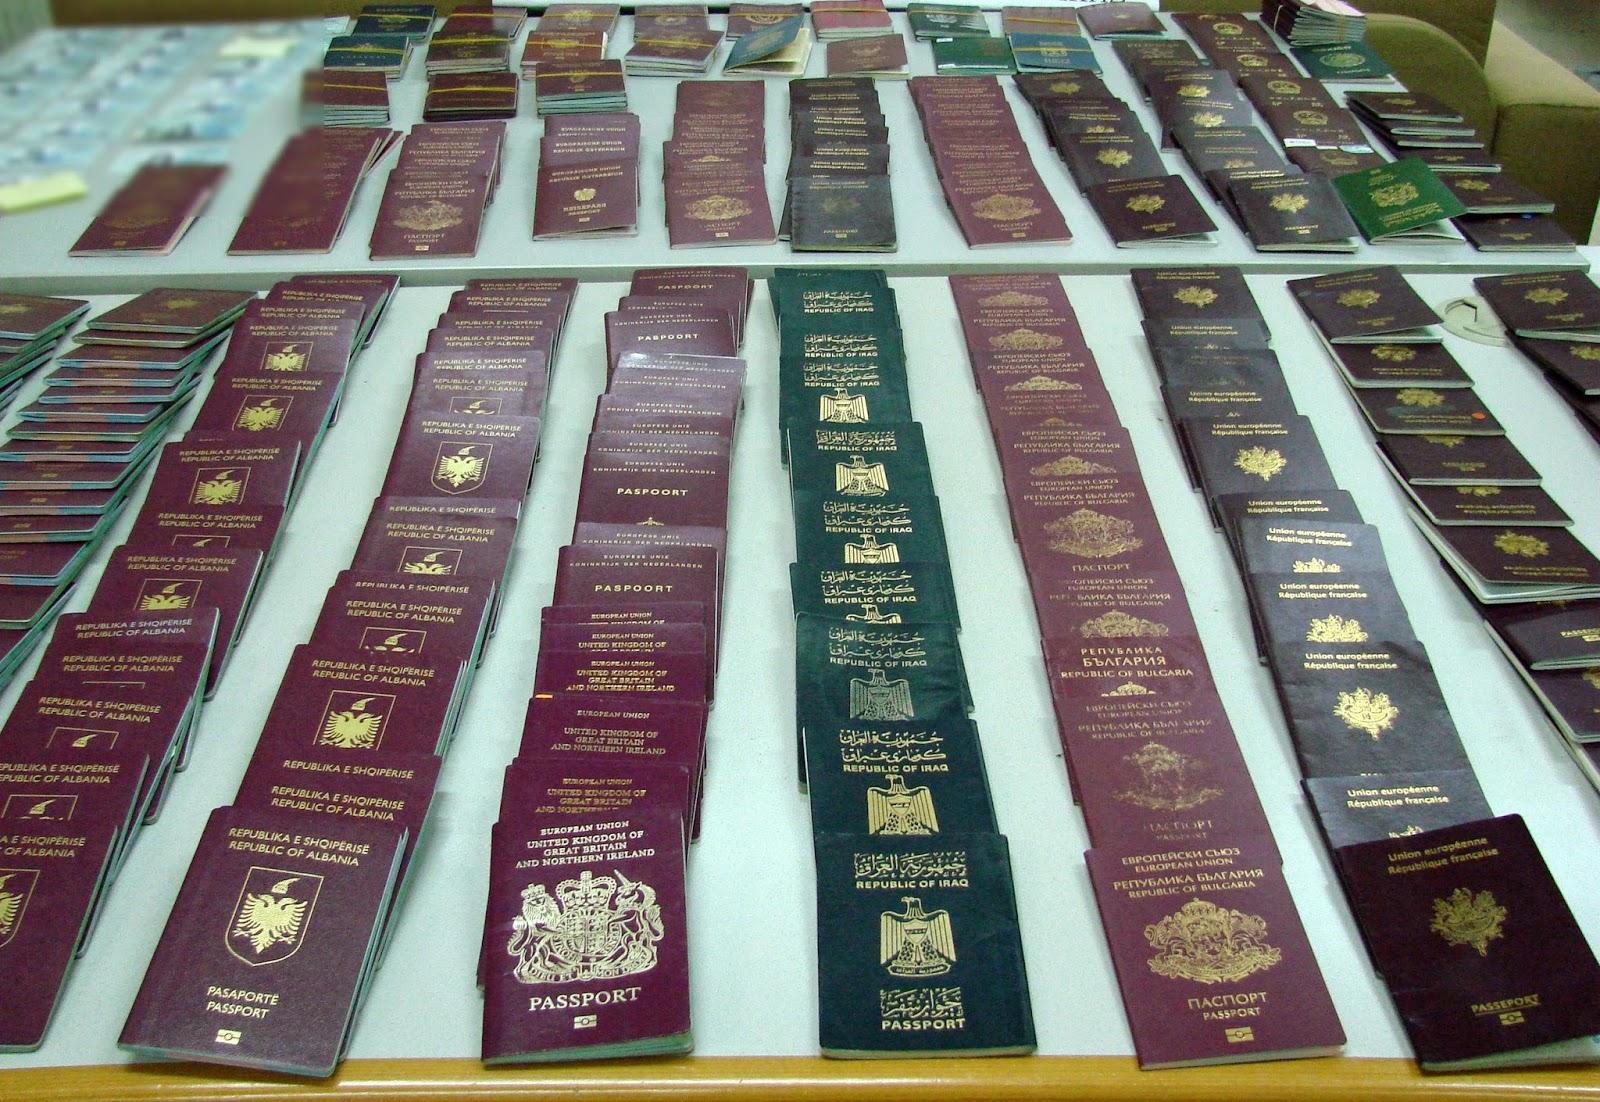 Εγκληματική οργάνωση έκλεβε και πλαστογραφούσε ταξιδιωτικά έγγραφα